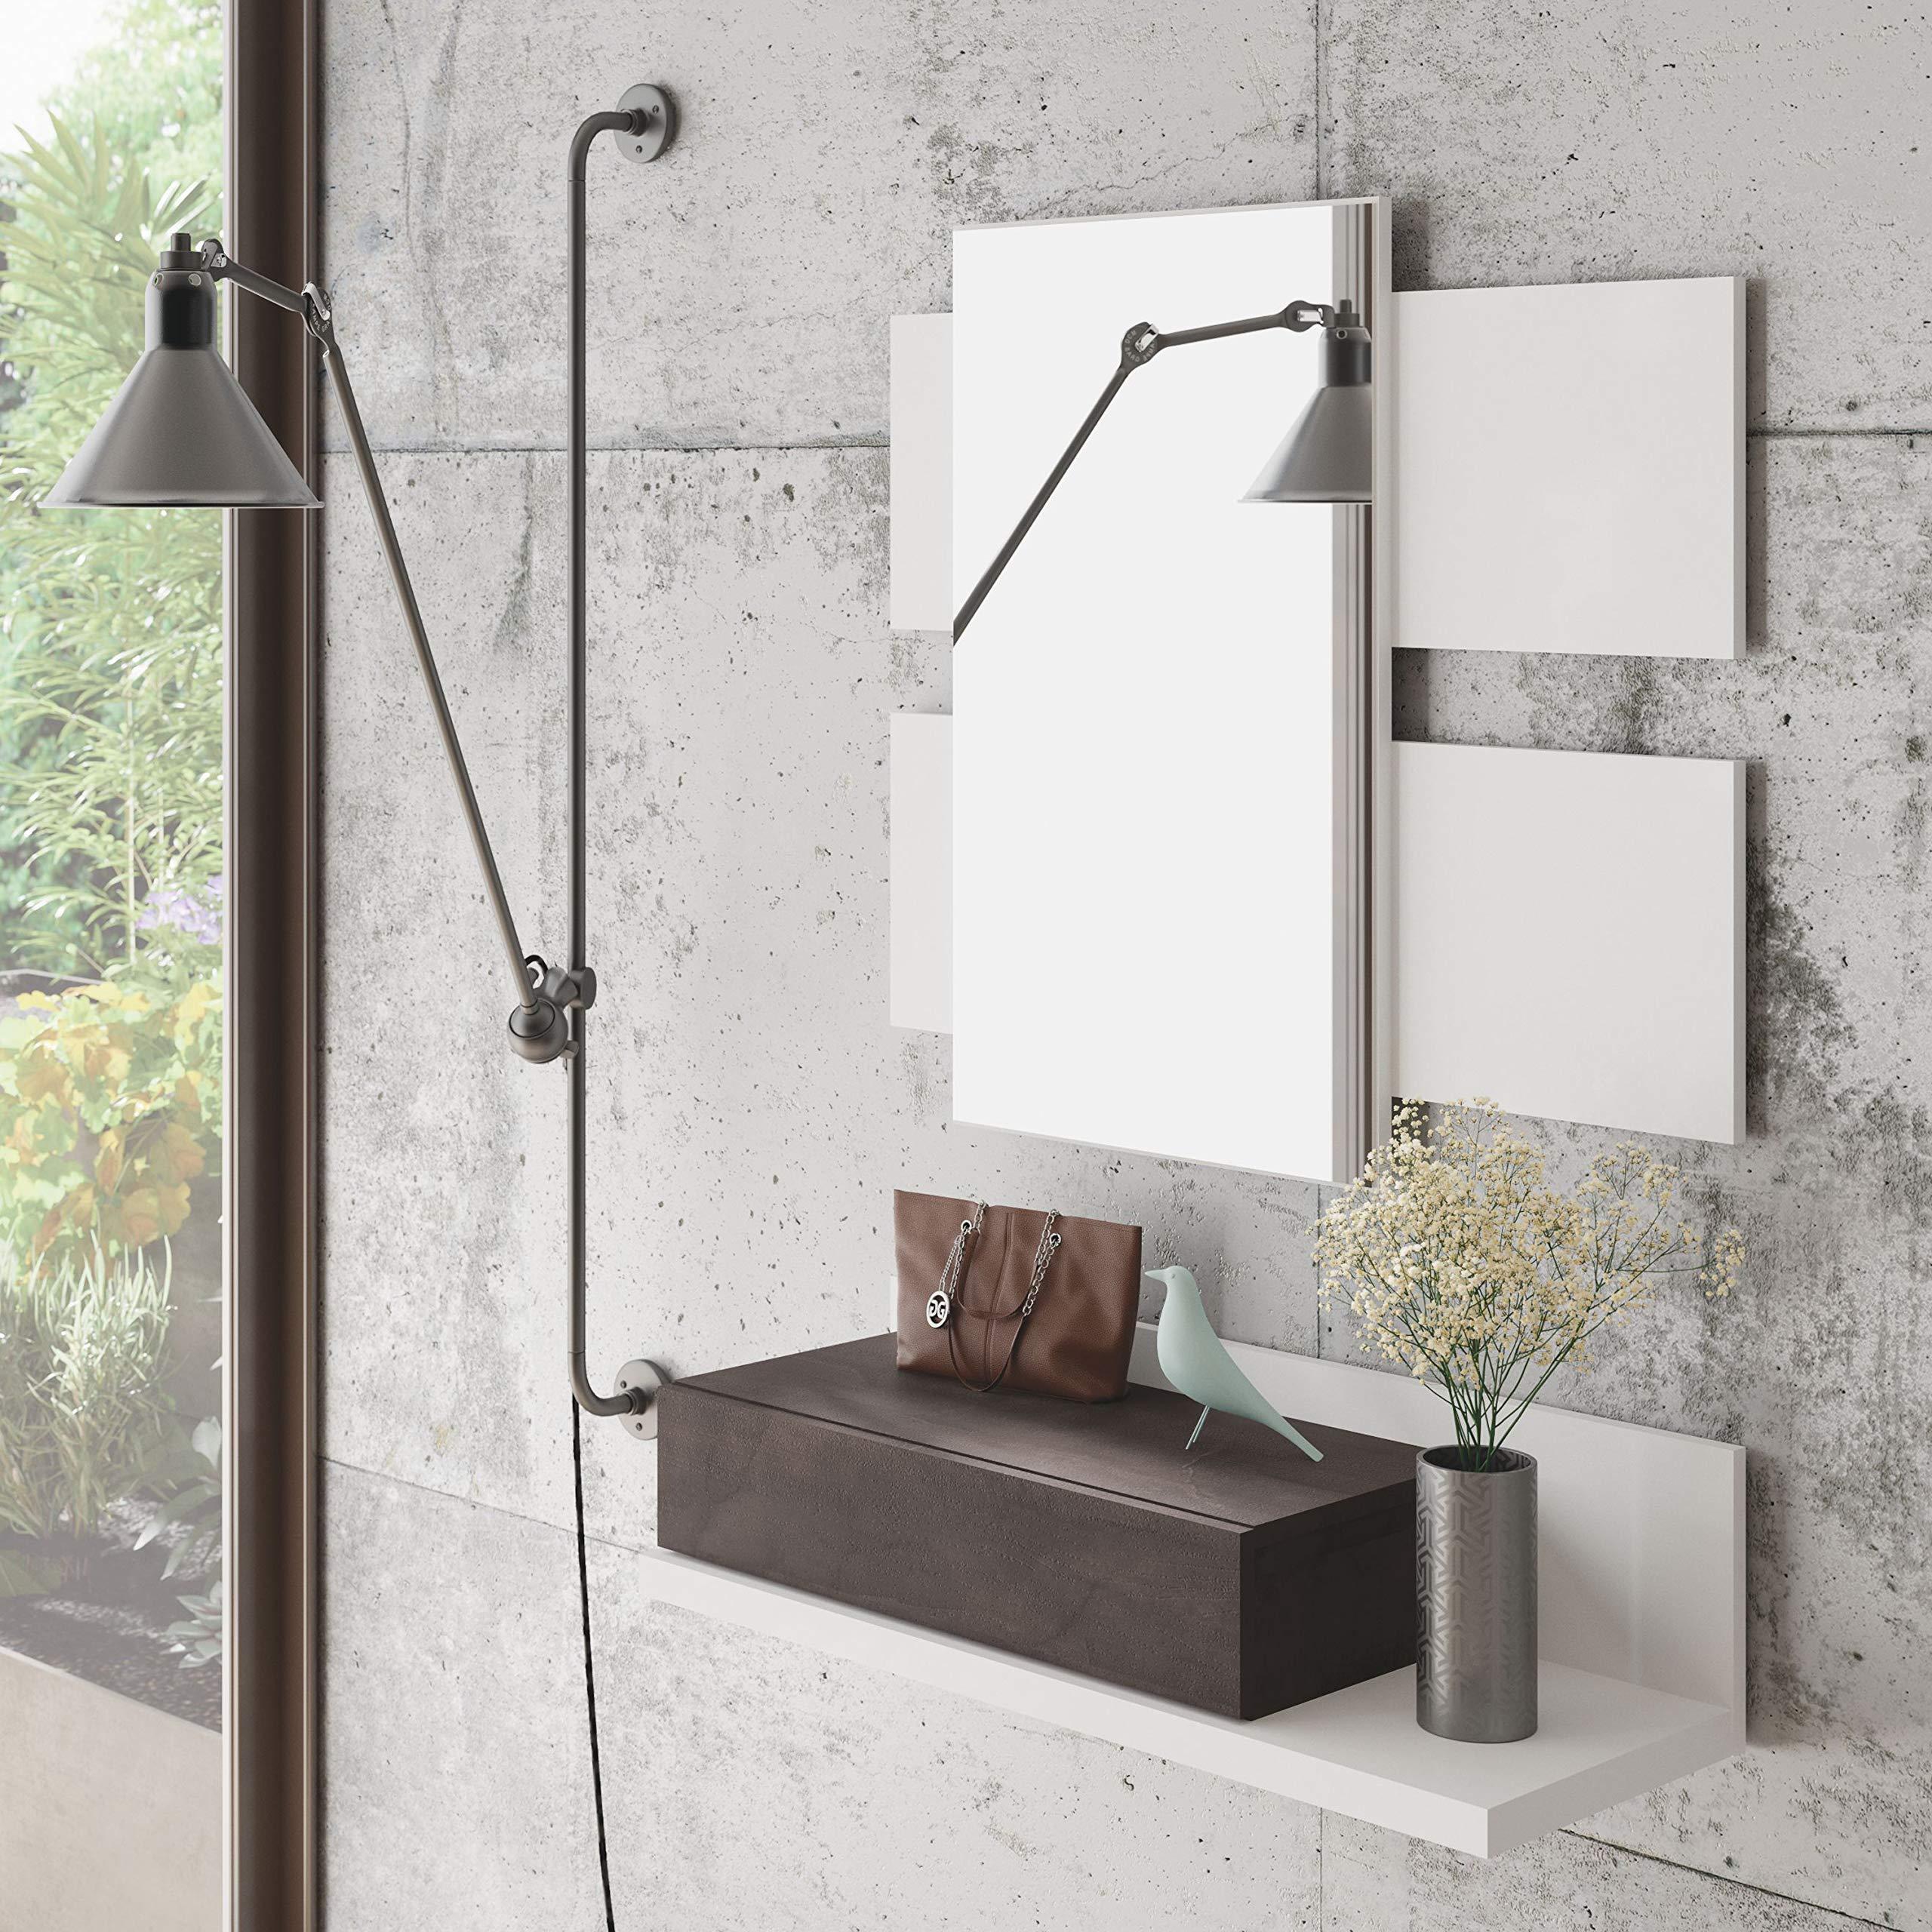 Habitdesign - Recibidor con cajón + Espejo Tekkan, Medidas: 75 x 116 x 29 cm de Fondo (Blanco Artik y Oxido): Amazon.es: Juguetes y juegos